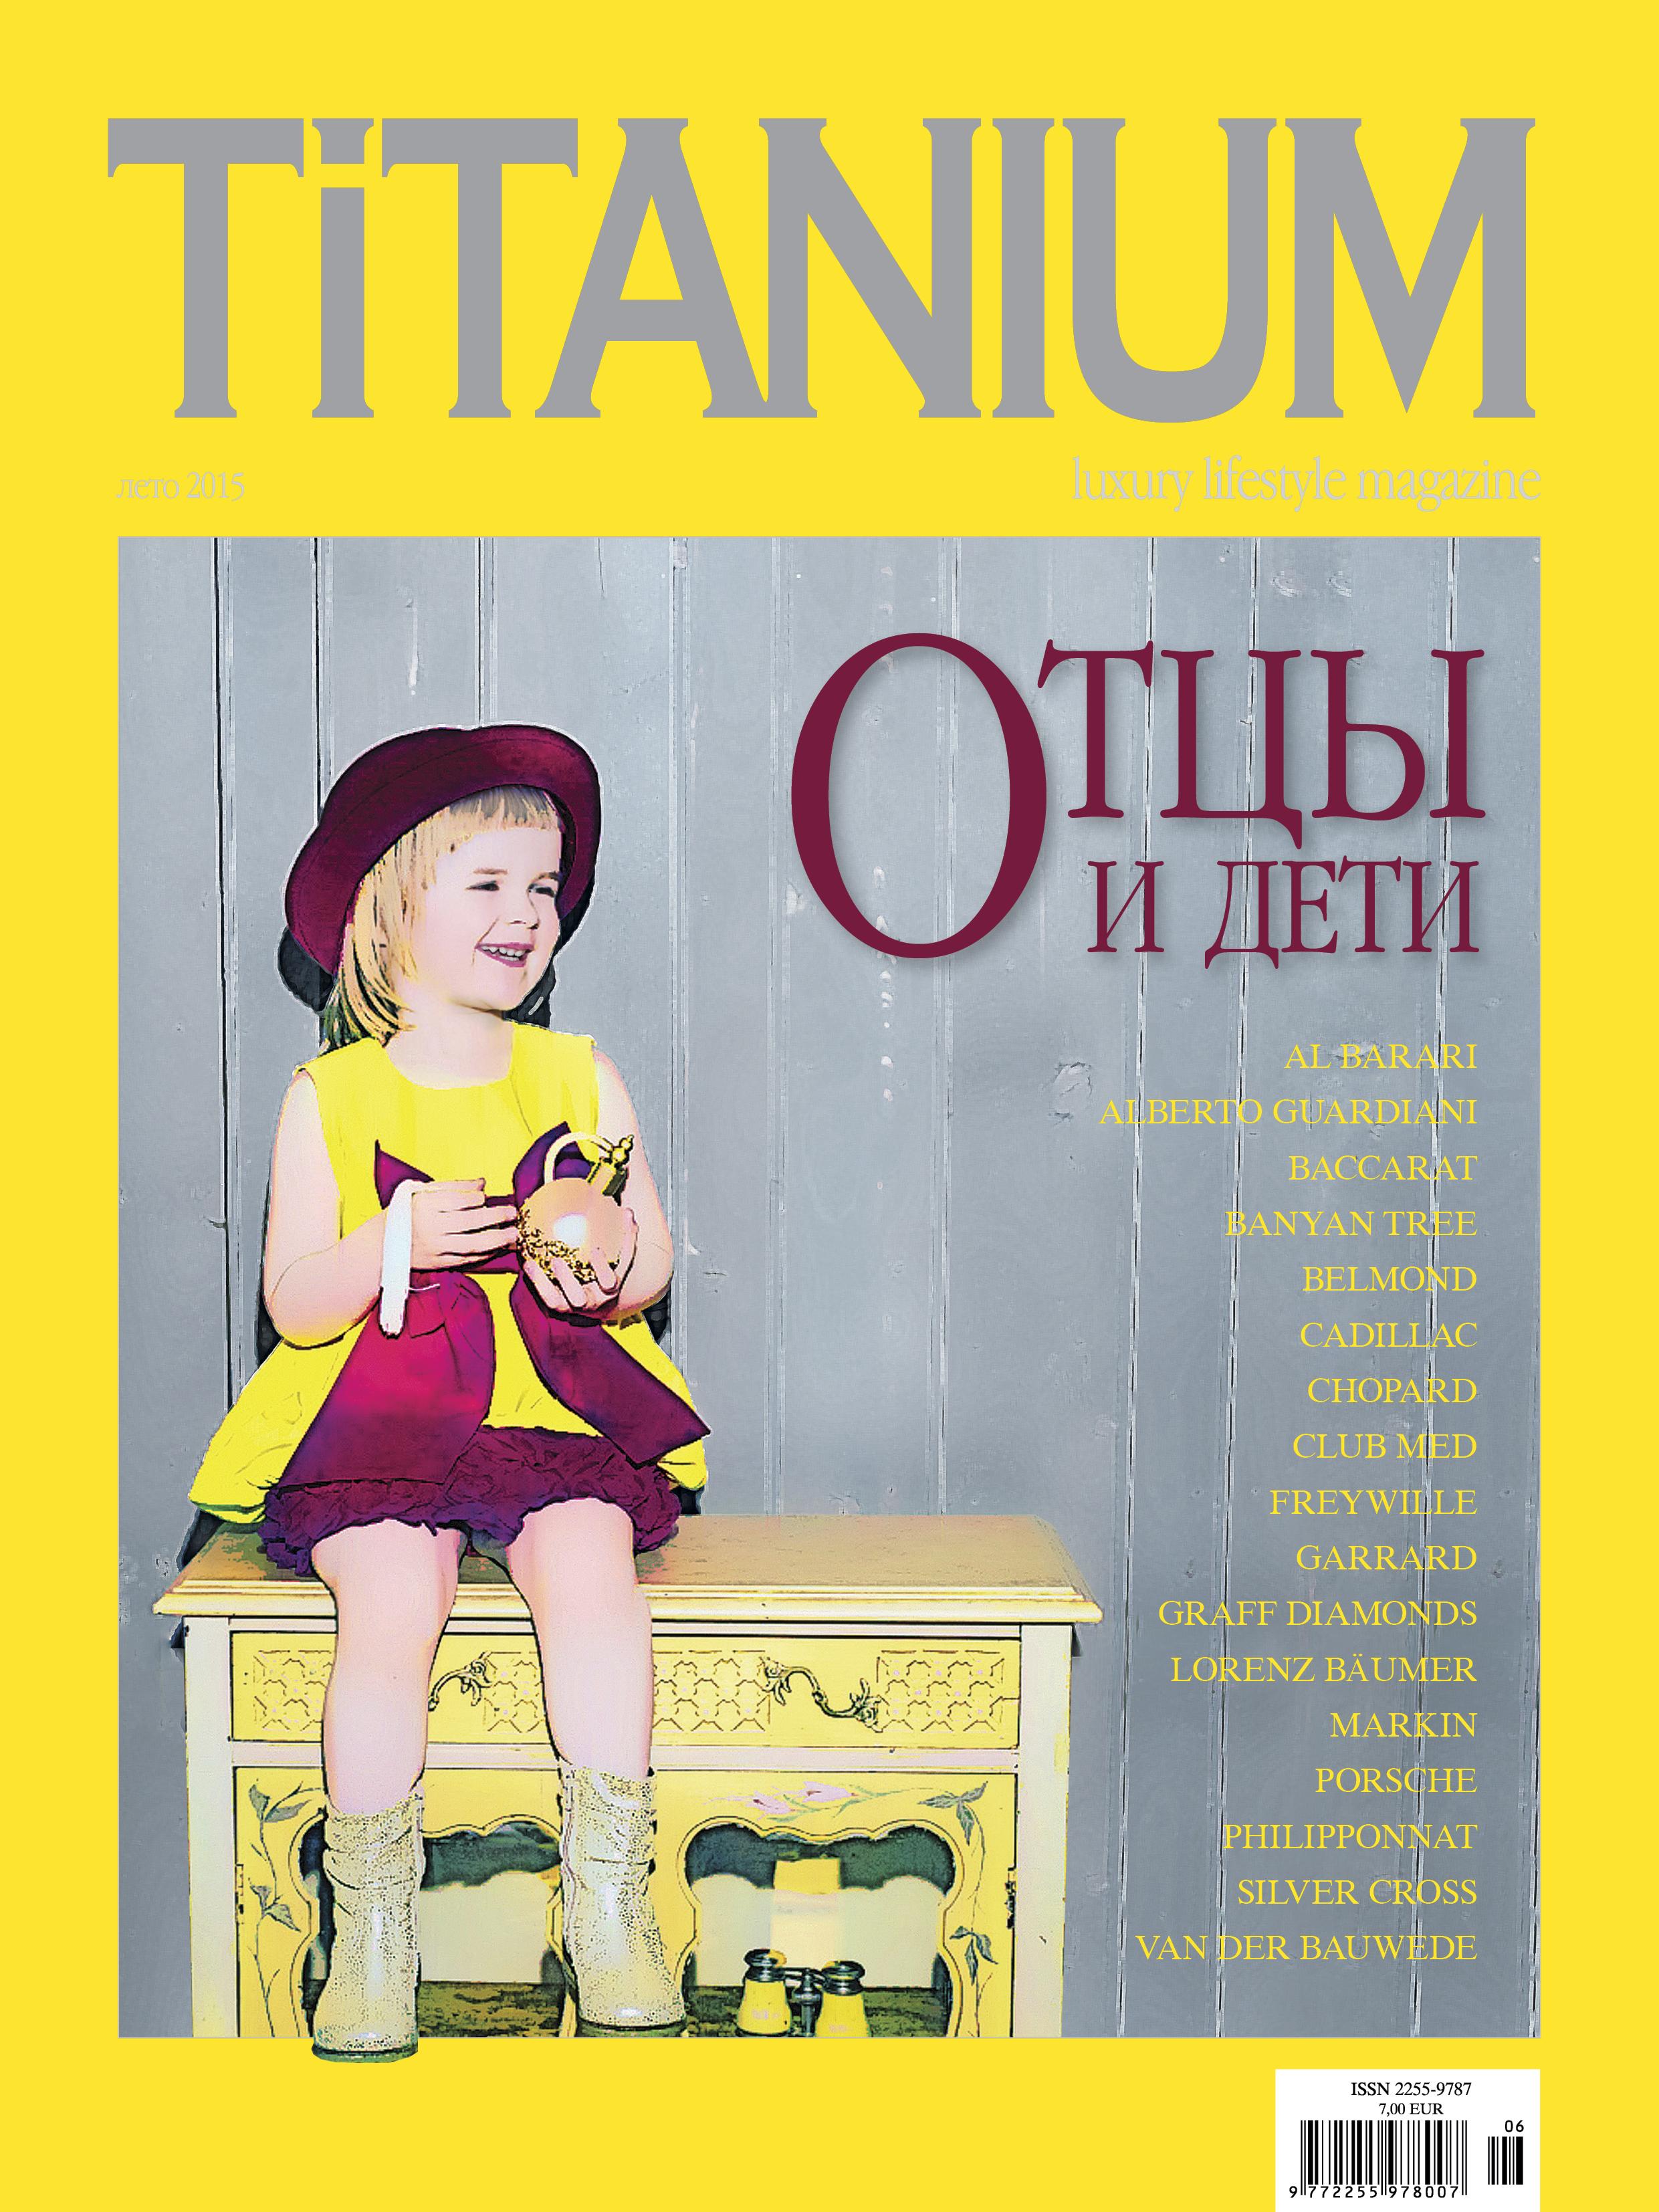 Titanium_cover_32